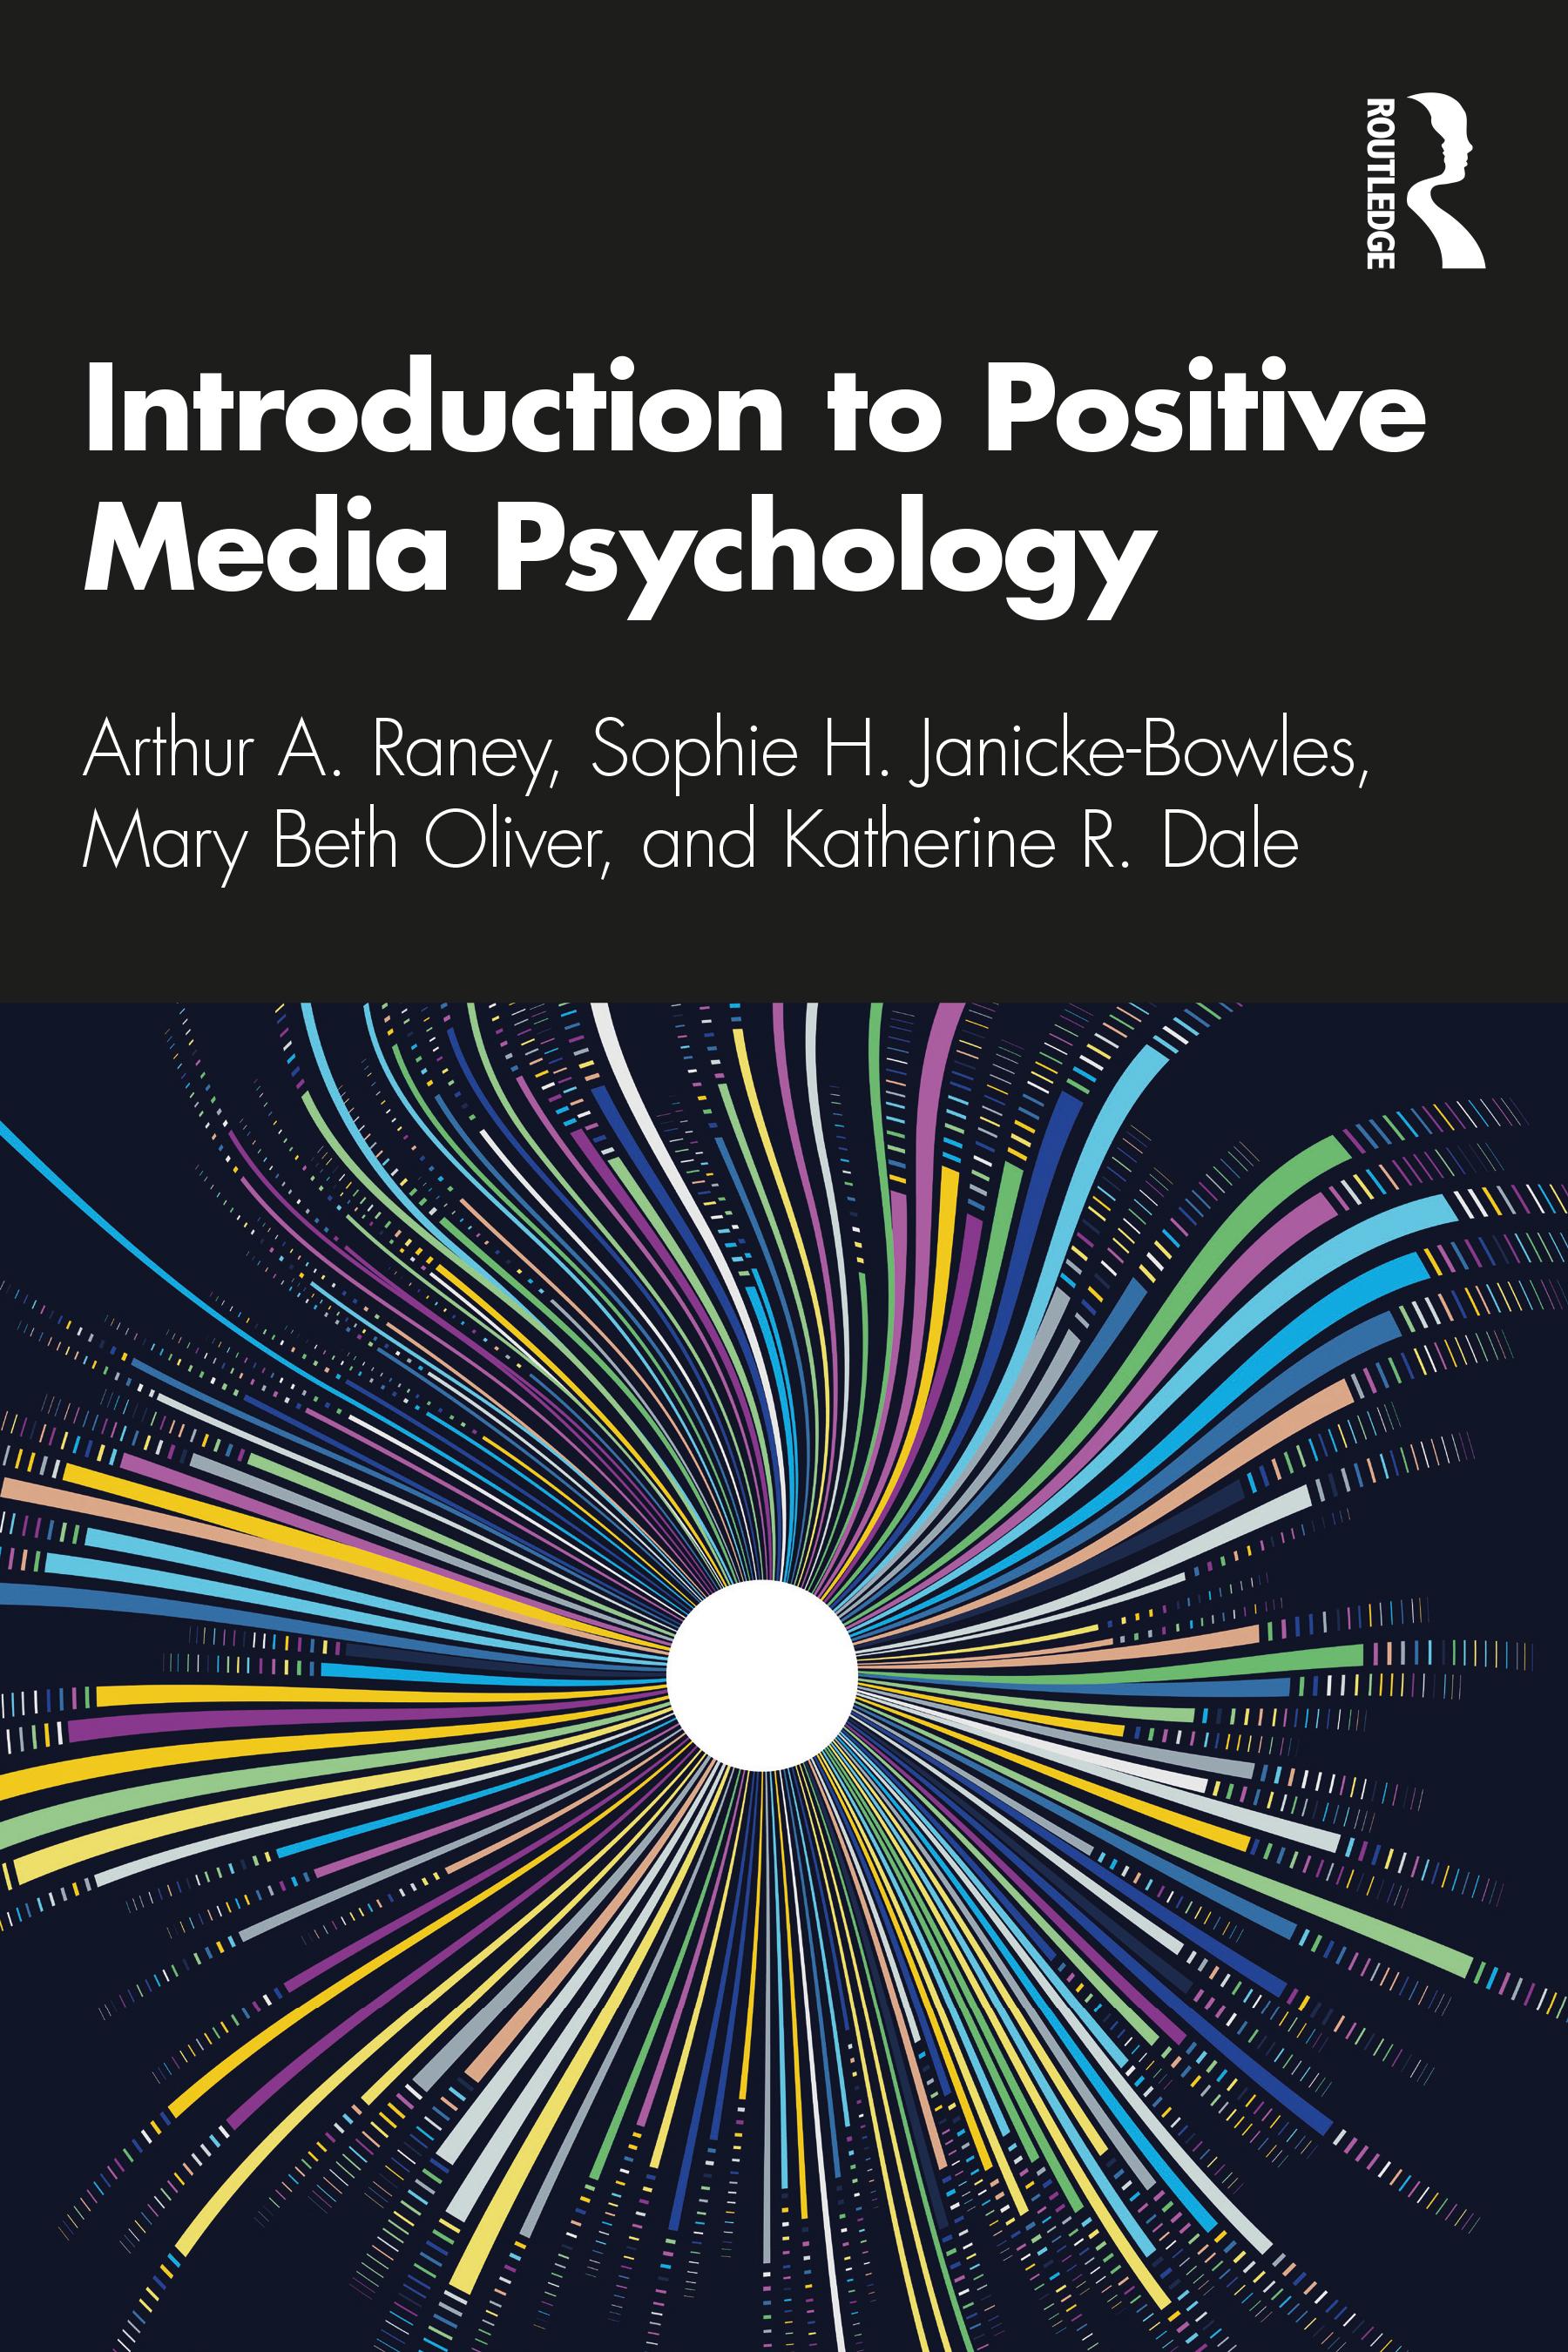 Educational and Prosocial Media for Children